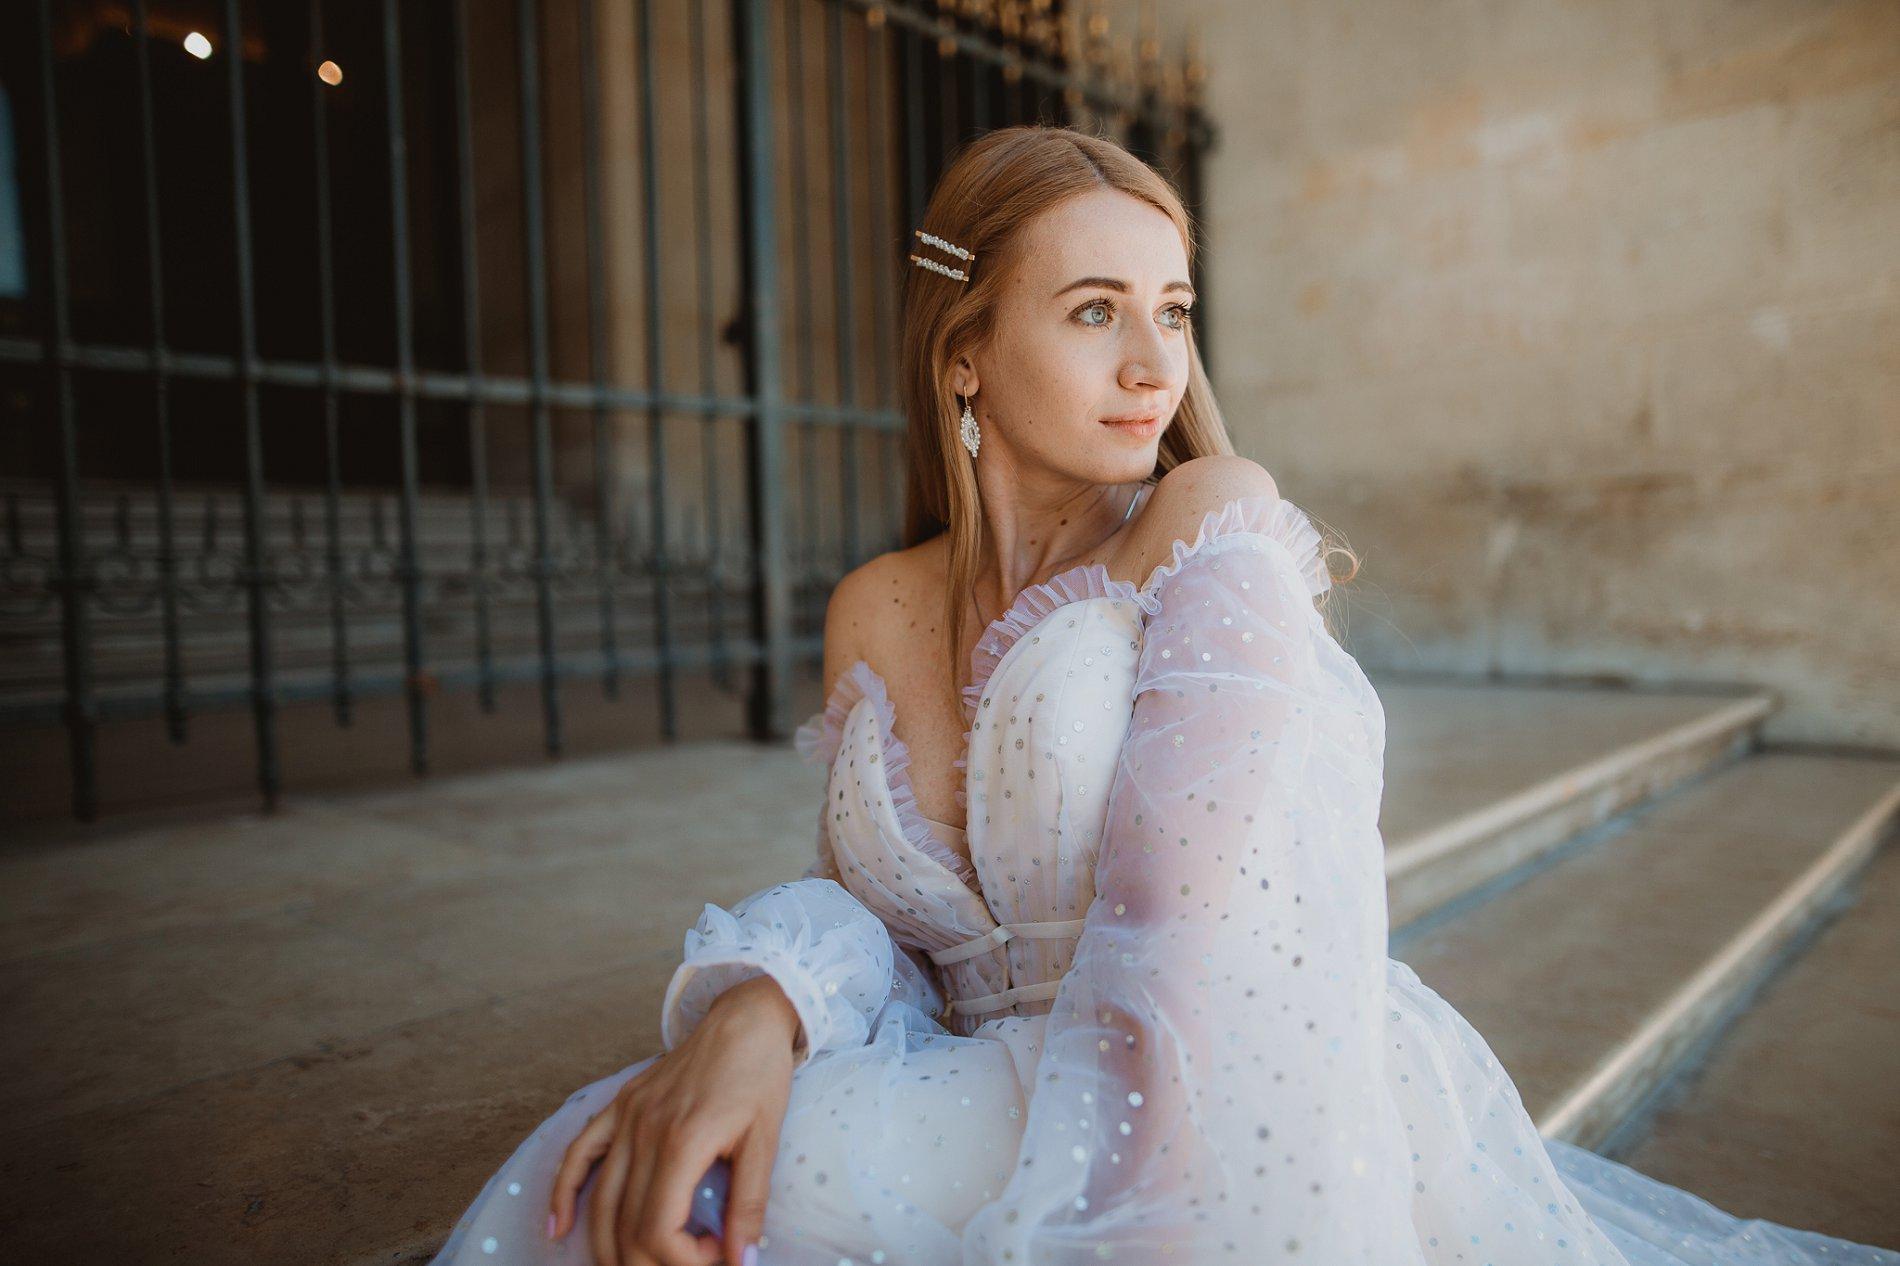 Miss He Bridal Romantic Paris Elopement (c) Xanthe Rowland Photography (34)